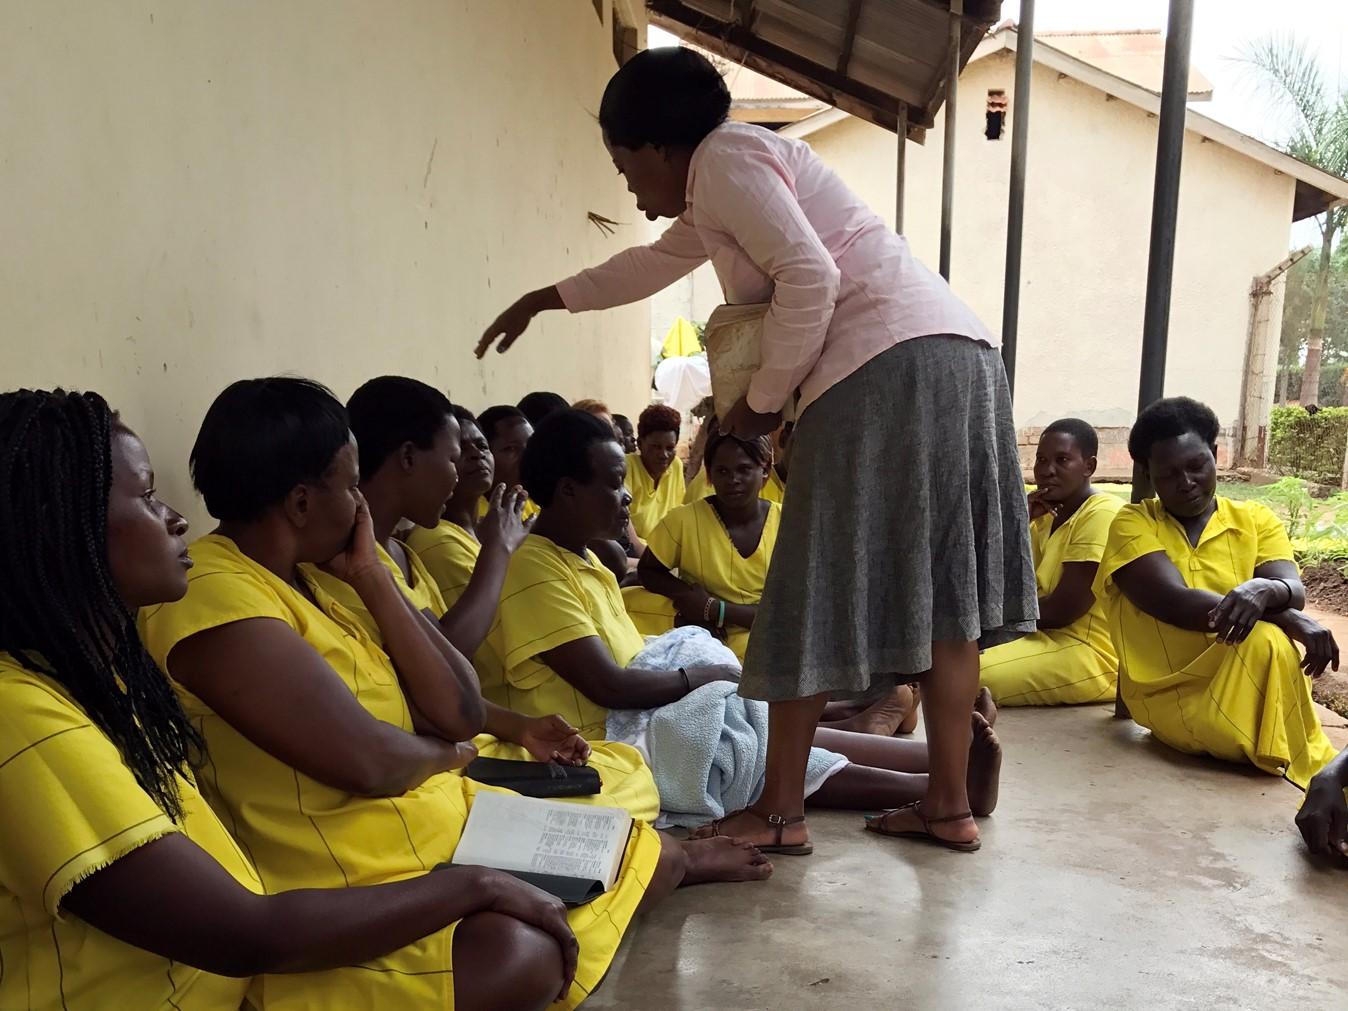 Faith healing, tongues, Prison, Uganda, Pentecostal